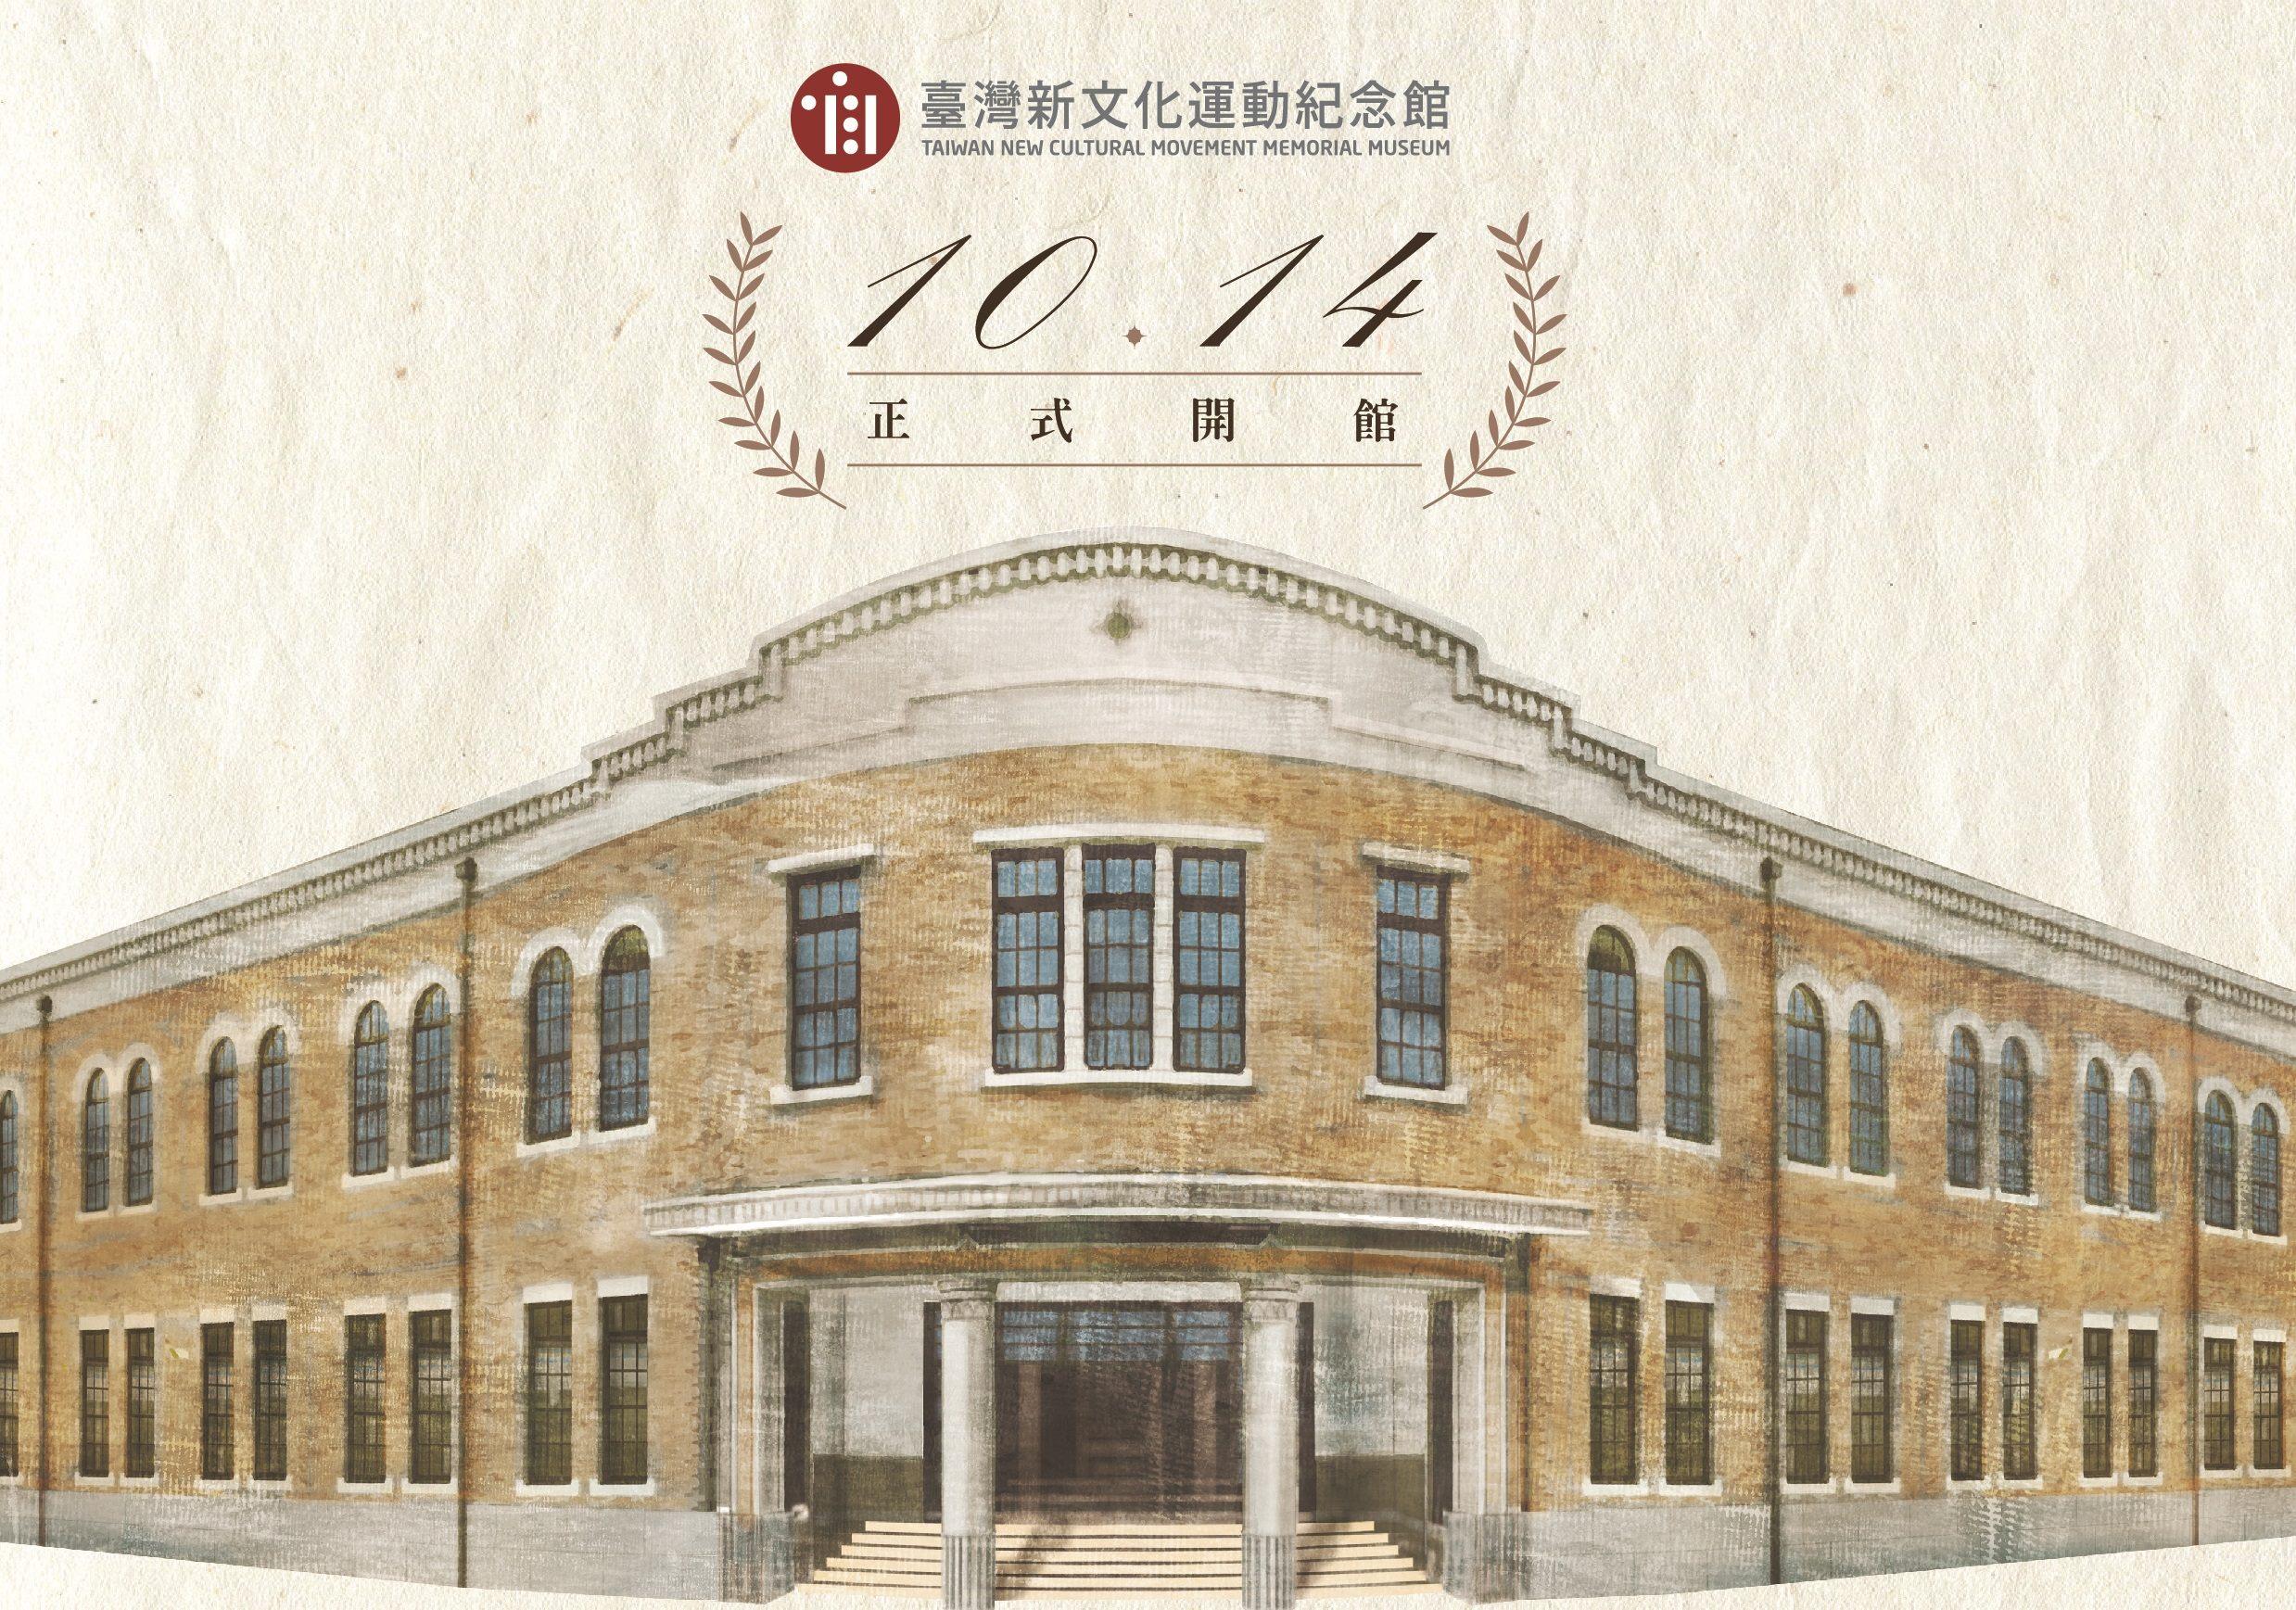 臺灣新文化運動紀念館正式開館營運